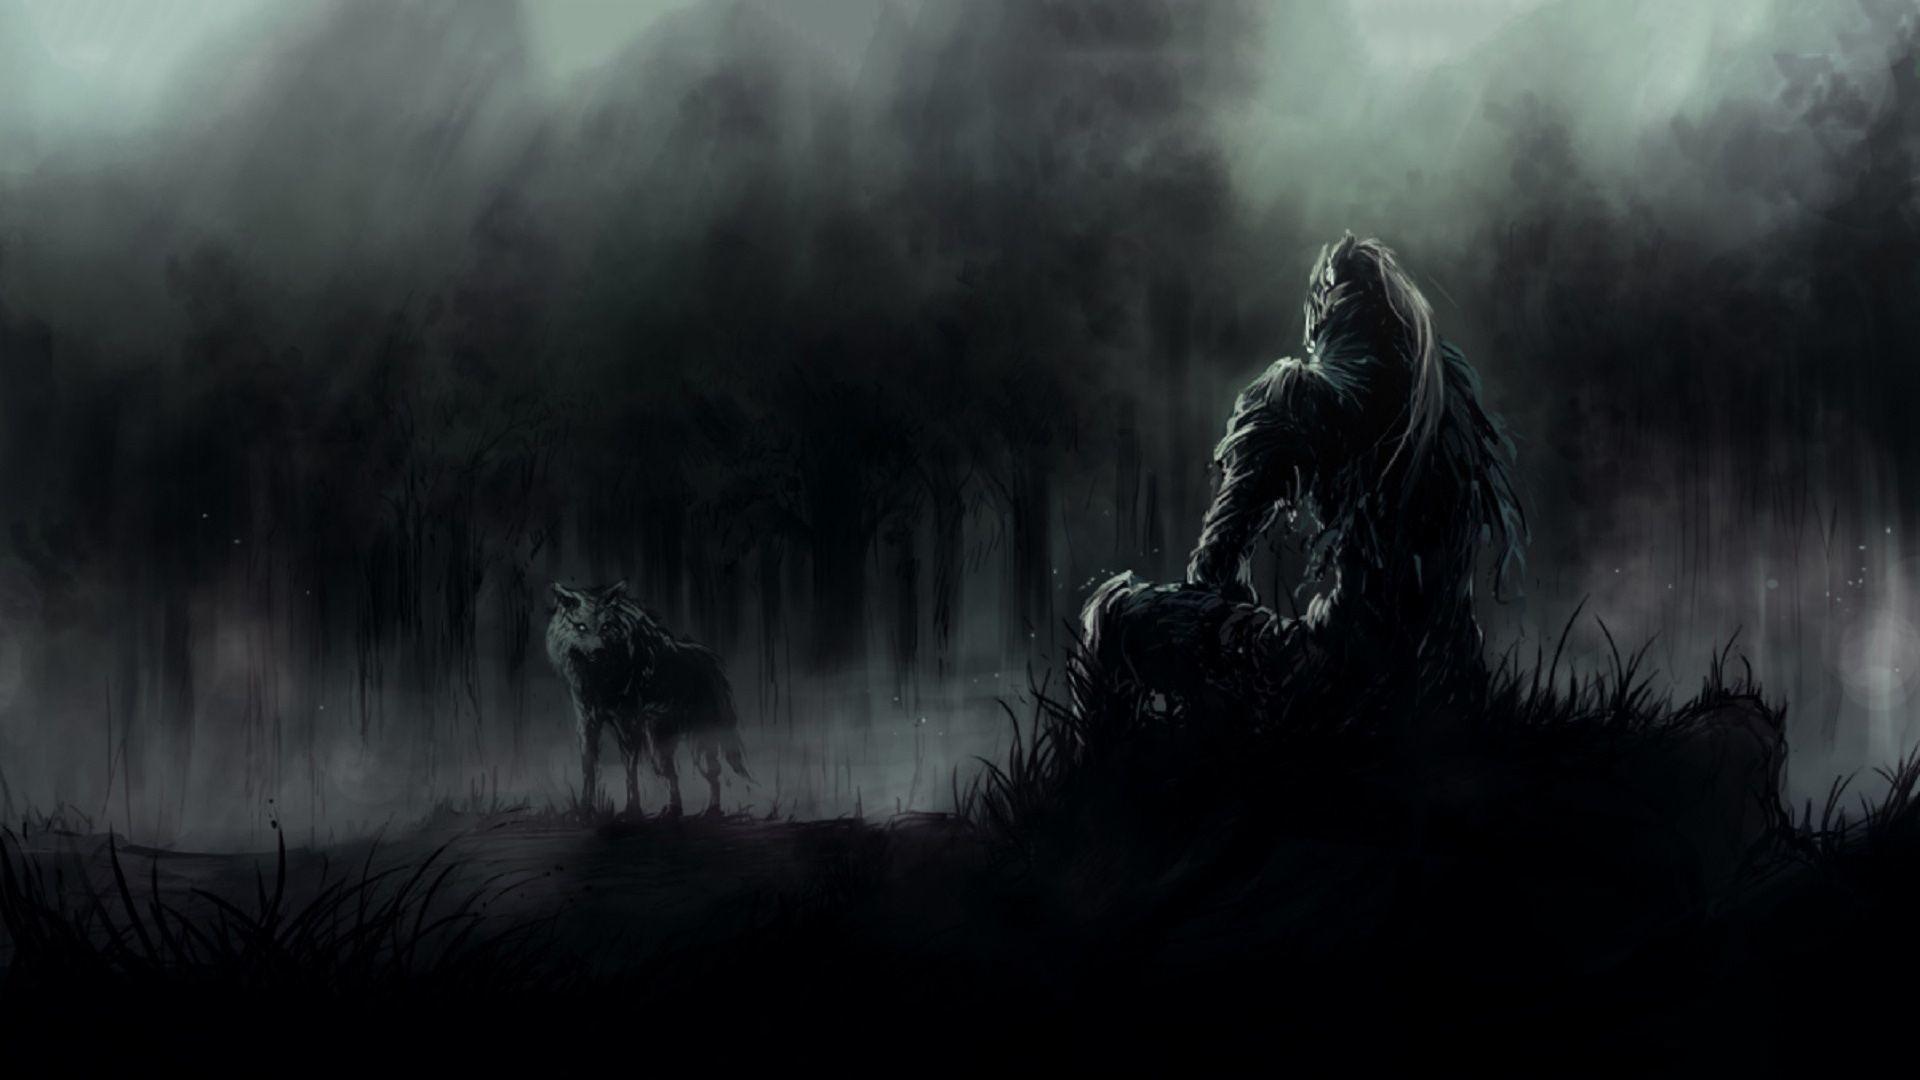 Dark Souls 3 HD Wallpaper, Dark Souls 3 Images